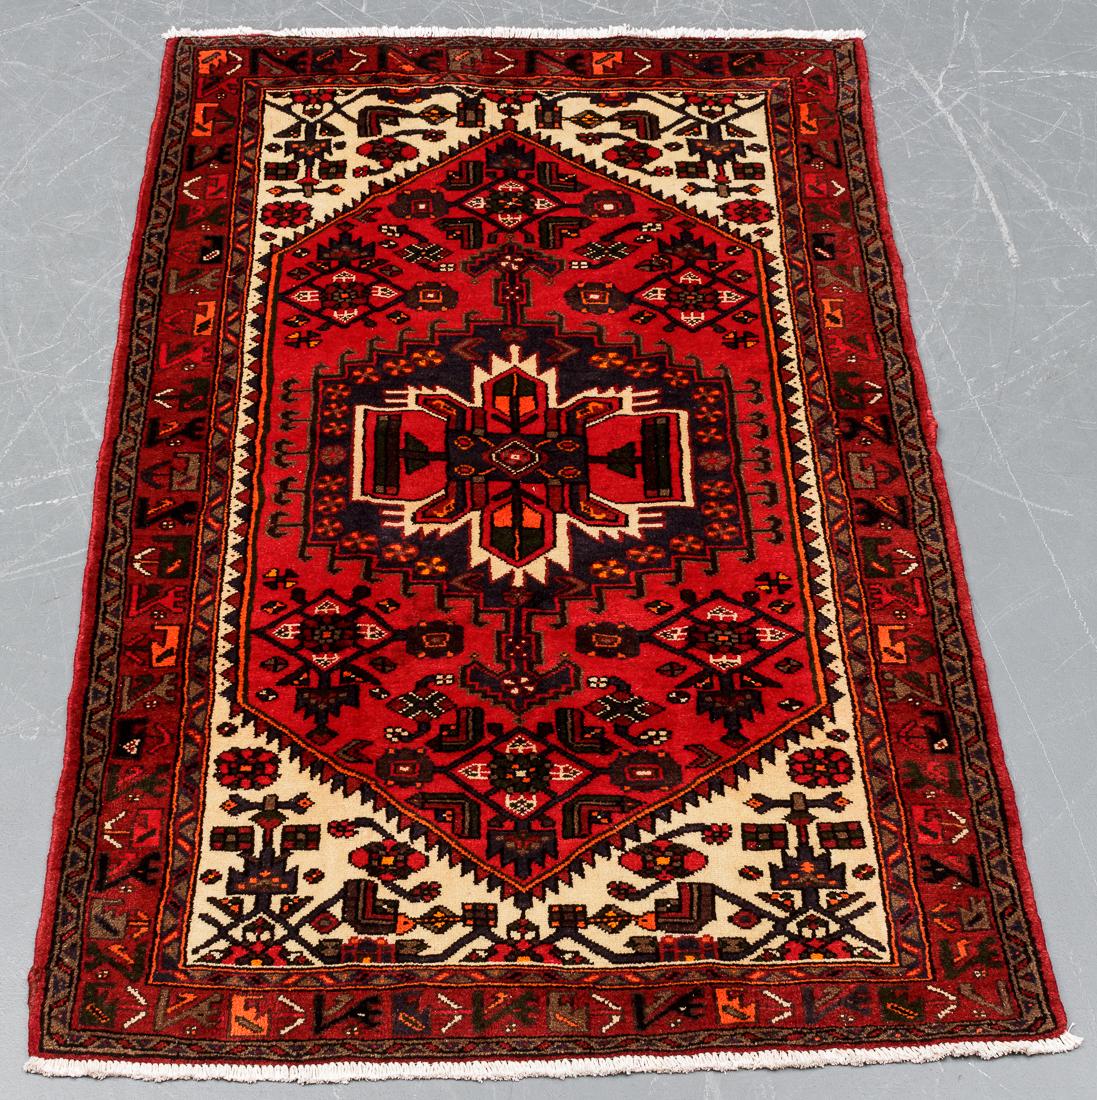 Persisk Hamadan Shahrboft 198 x 123 cm - Persisk Hamadan Shahrboft tæppe, uld med bomuld, i målene 198 x 123 cm